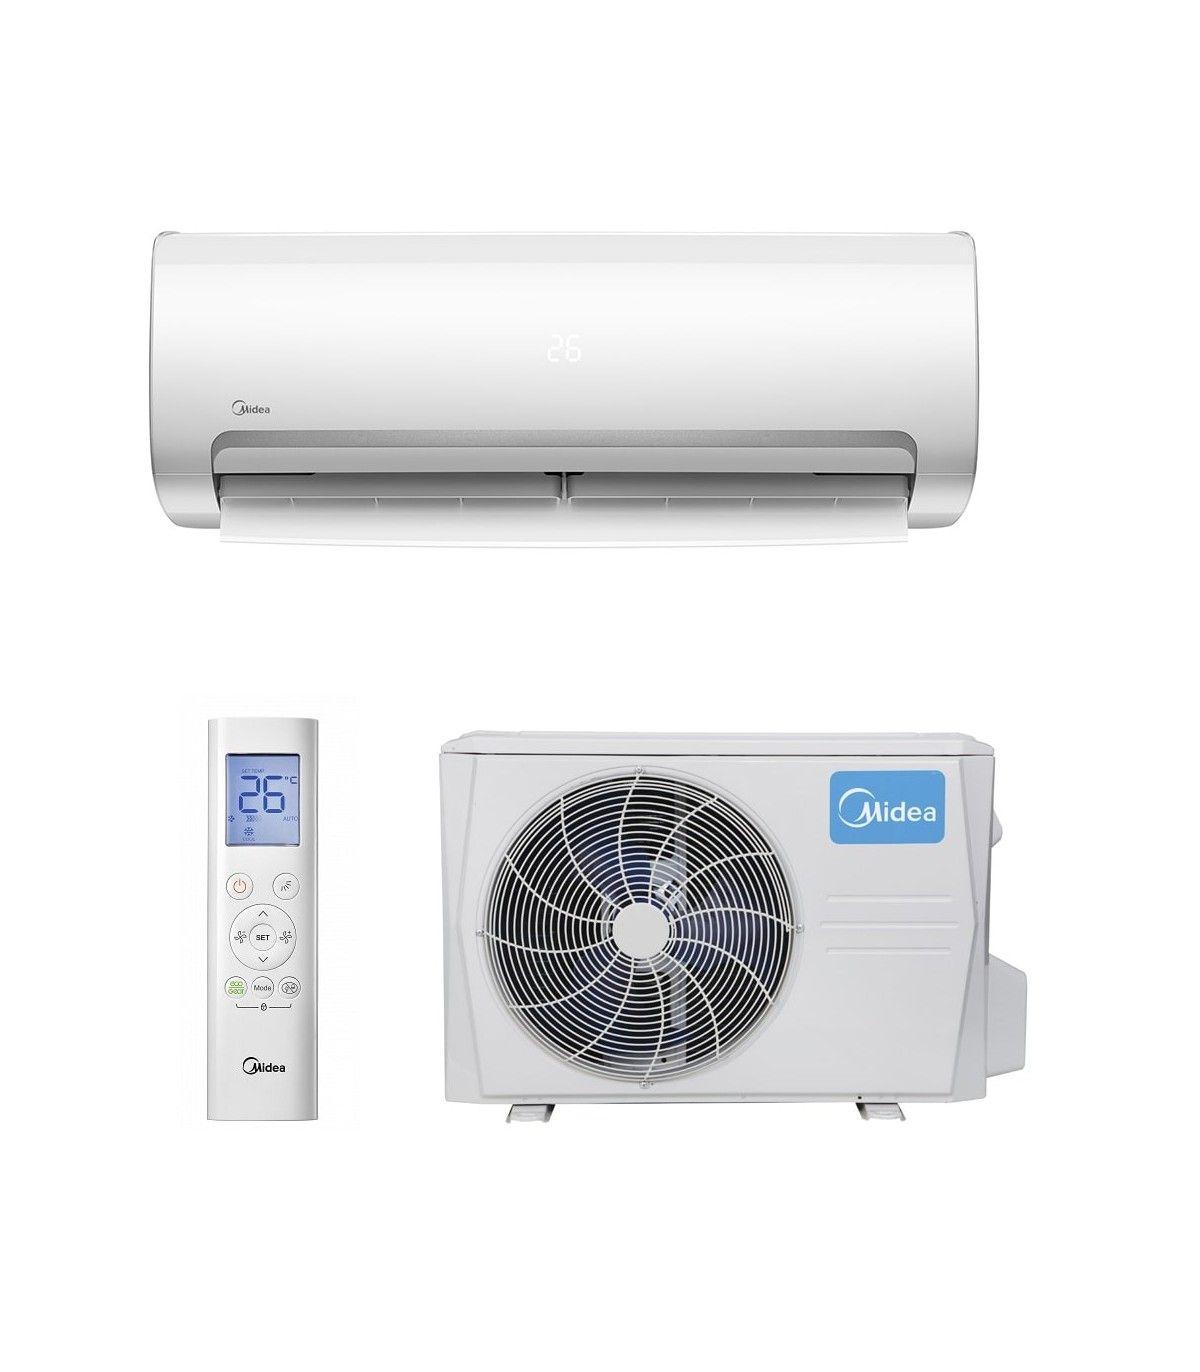 aire acondicionado split Midea Mission II 52(18)N8 suministros industriales moreno venta de aire acondicionado